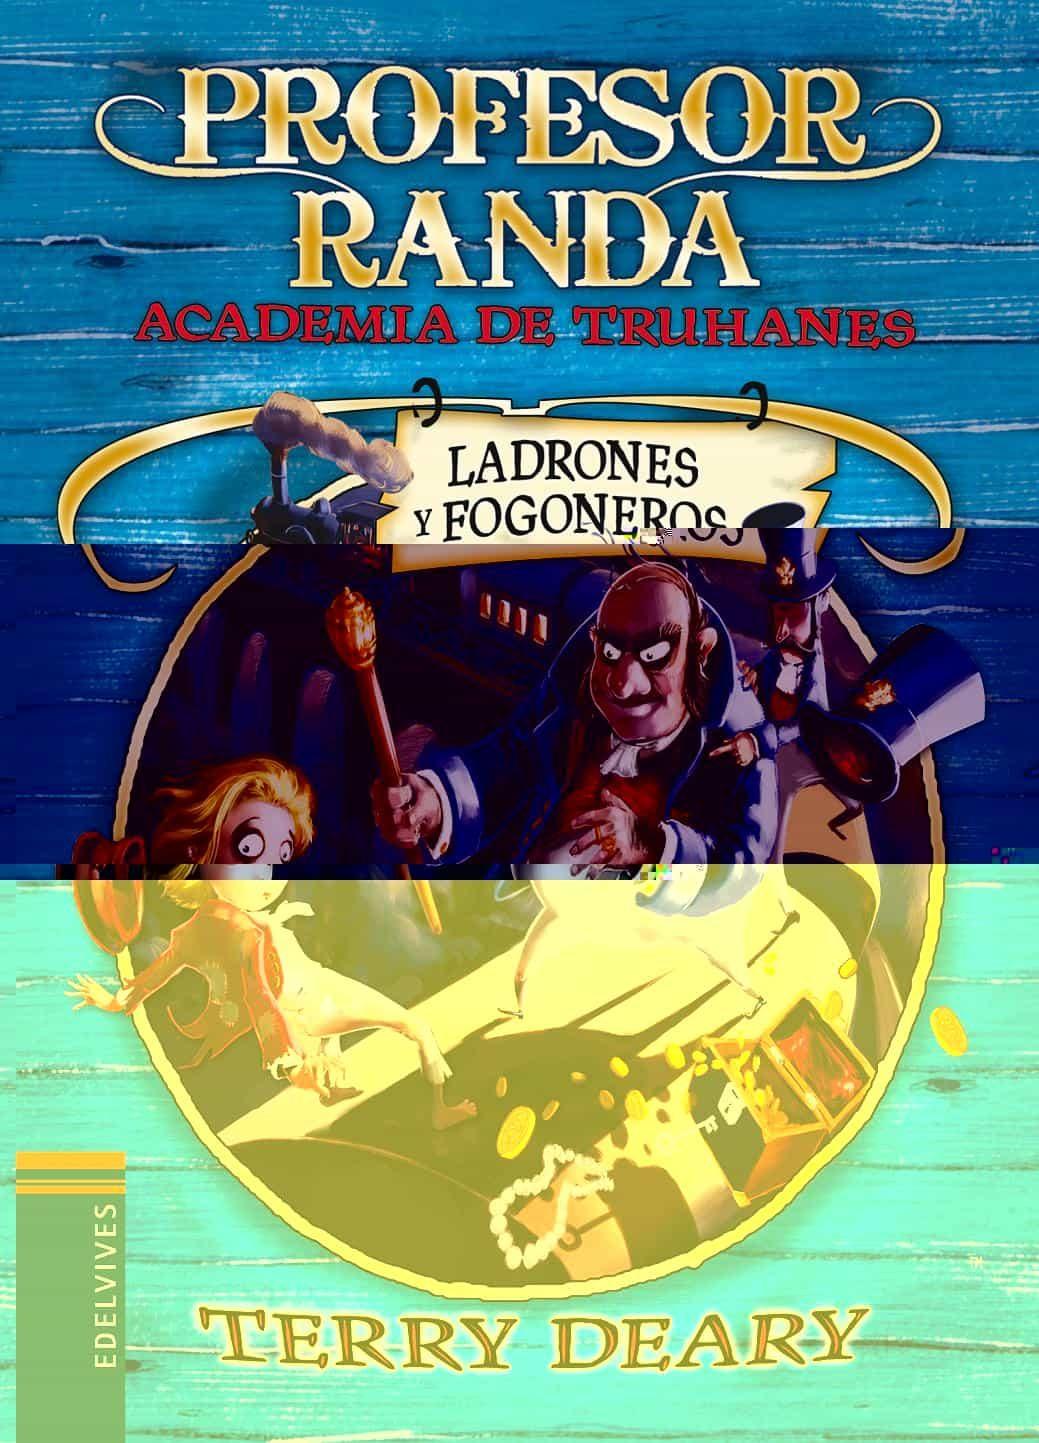 Ladrones y fogoneros (Profesor Randa (Academia de Truhanes))